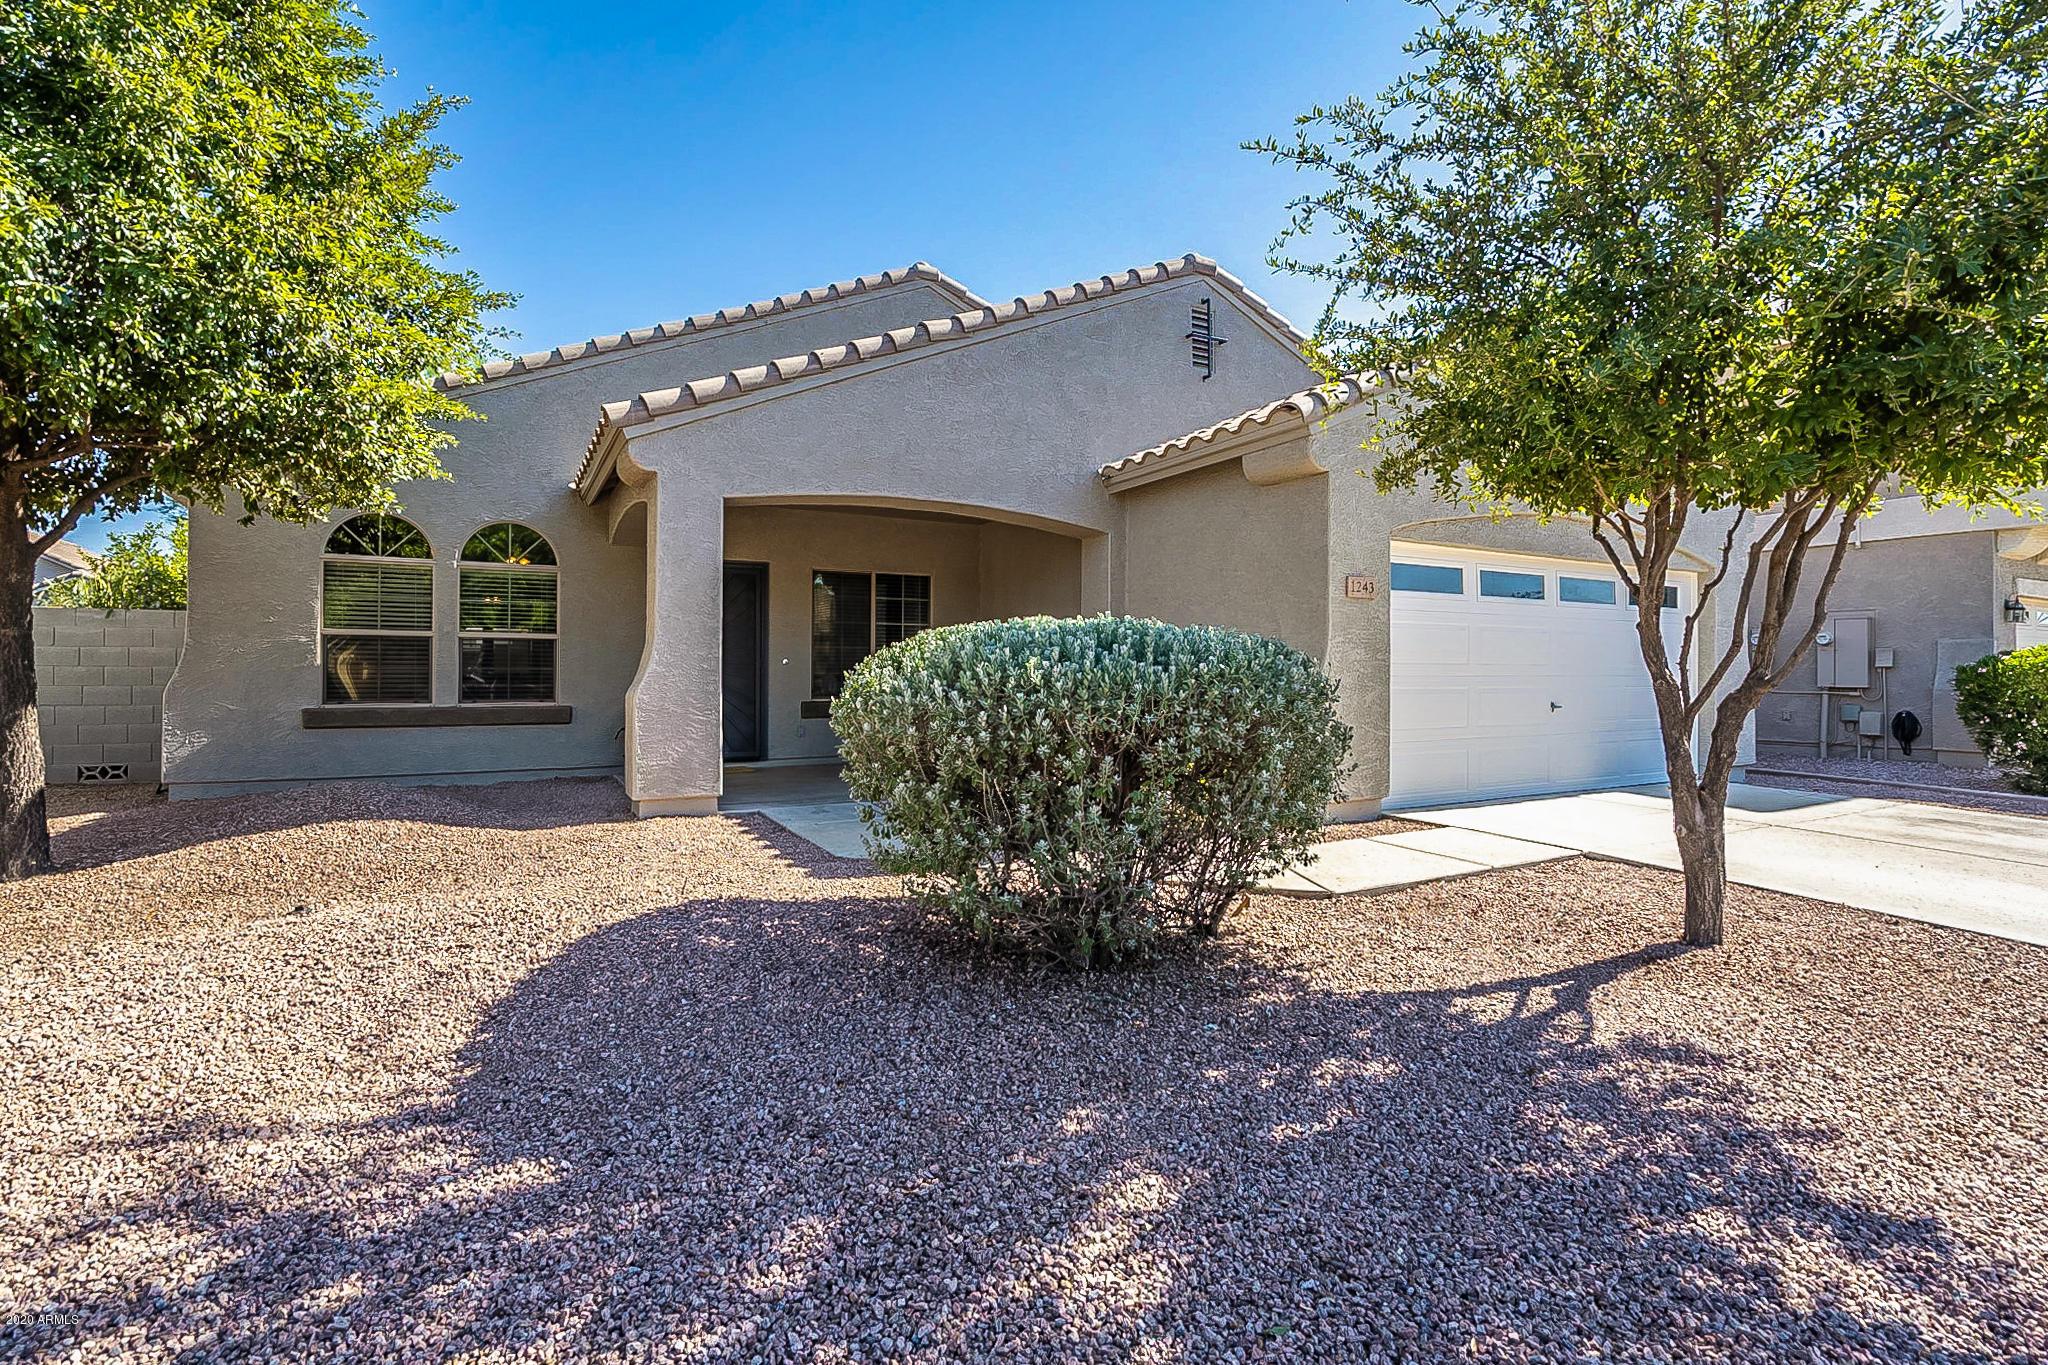 Photo of 1243 E Bluebird Drive, Gilbert, AZ 85297